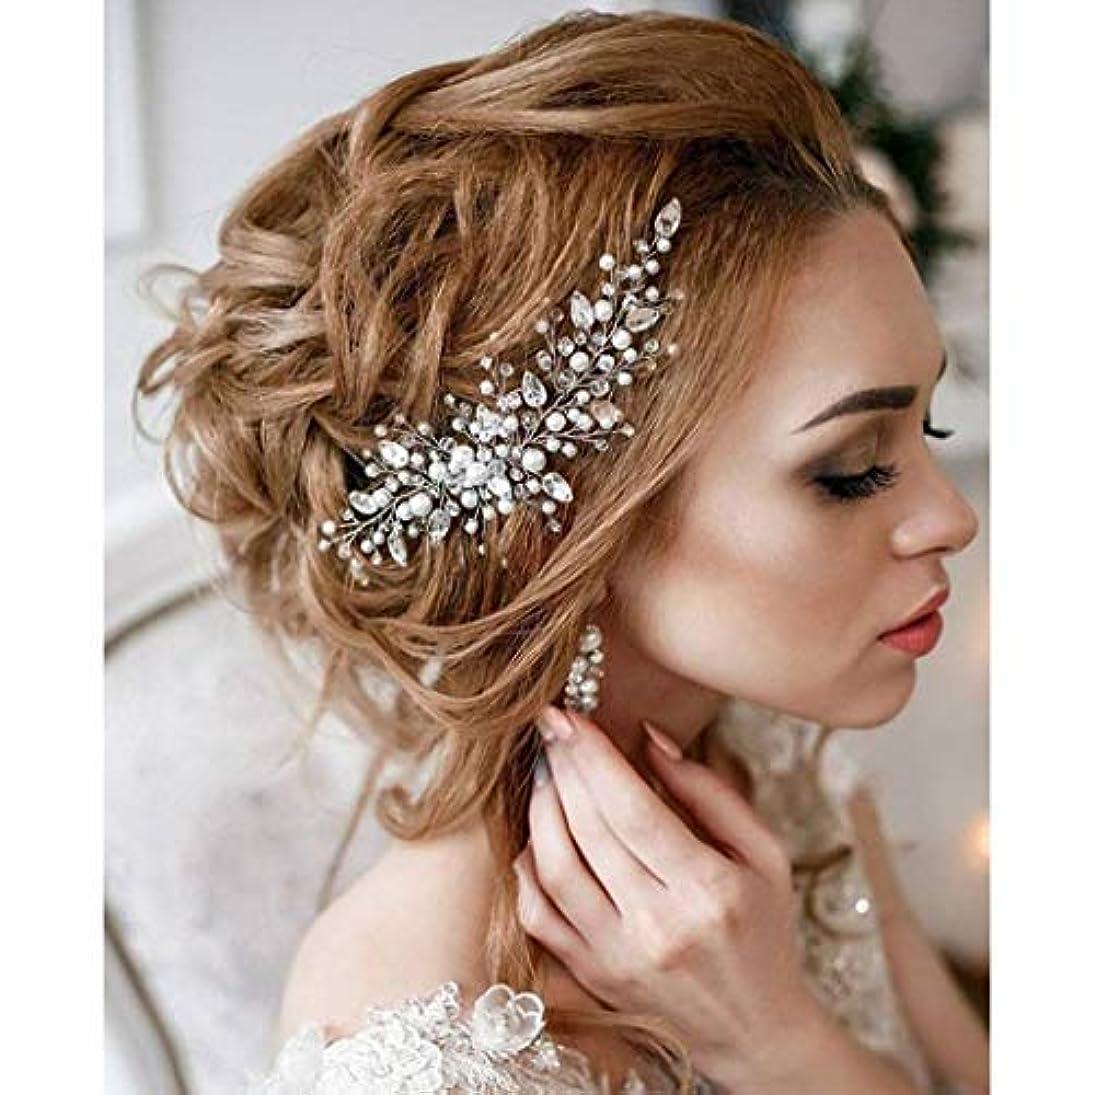 落ちたレッスンマイナーAukmla Bride Wedding Hair Combs Bridal Hair Accessories Decorative for Brides and Bridesmaids [並行輸入品]